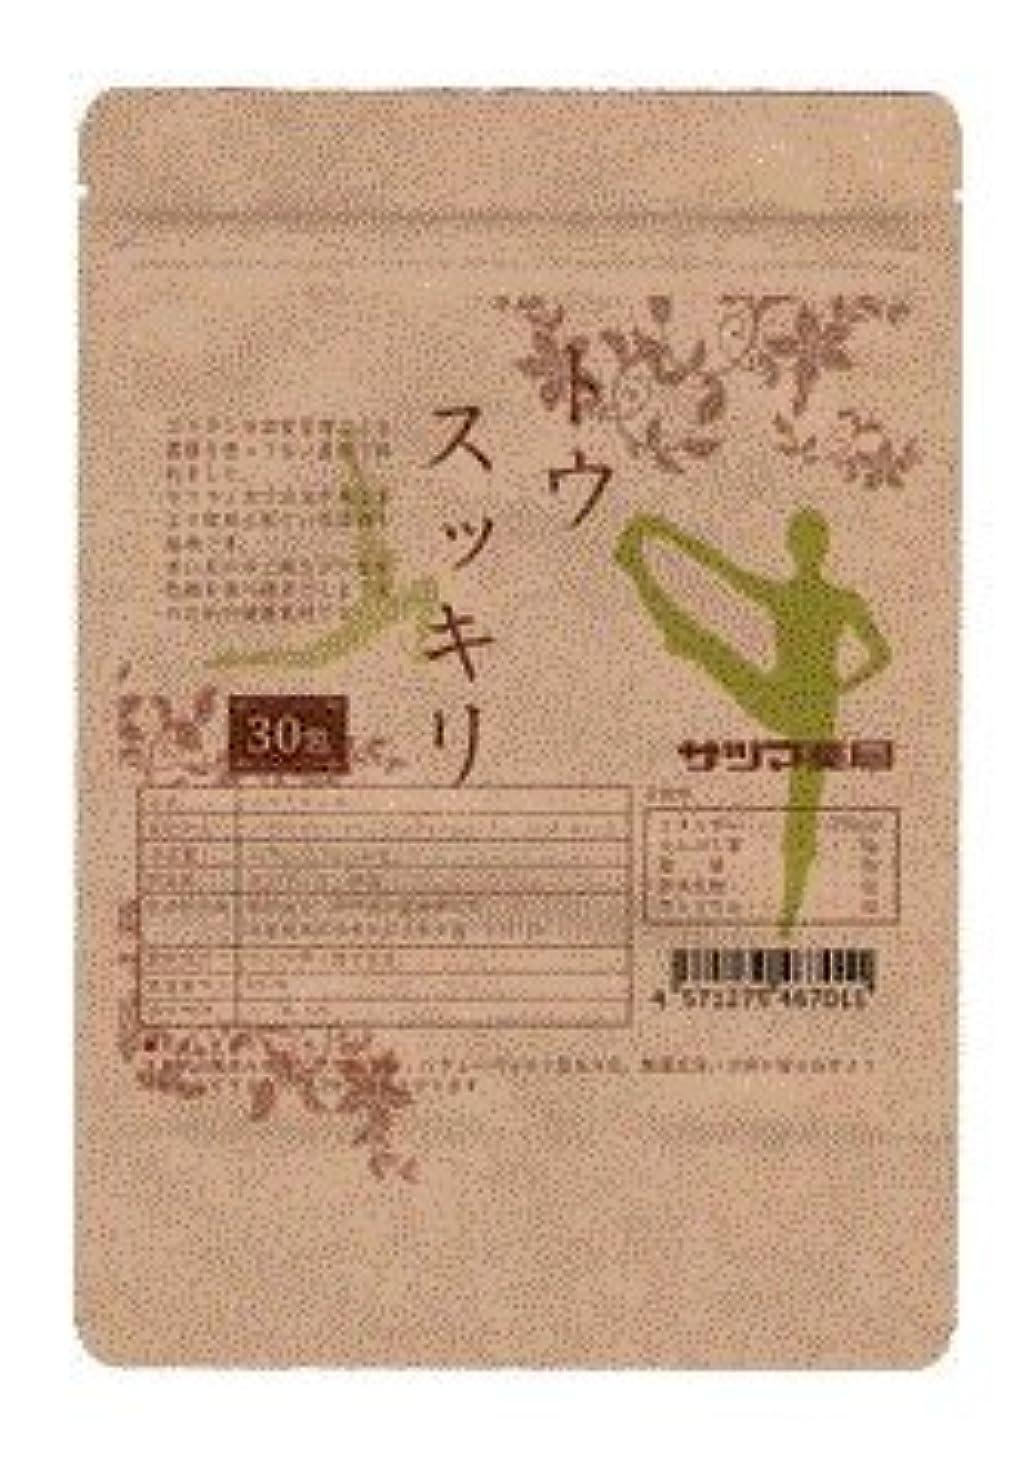 崩壊できた炭水化物サツマ薬局 ダイエットティー トウスッキリ茶 60包(30包×2) ティーパック 高濃度コタラヒム茶 ほうじ茶